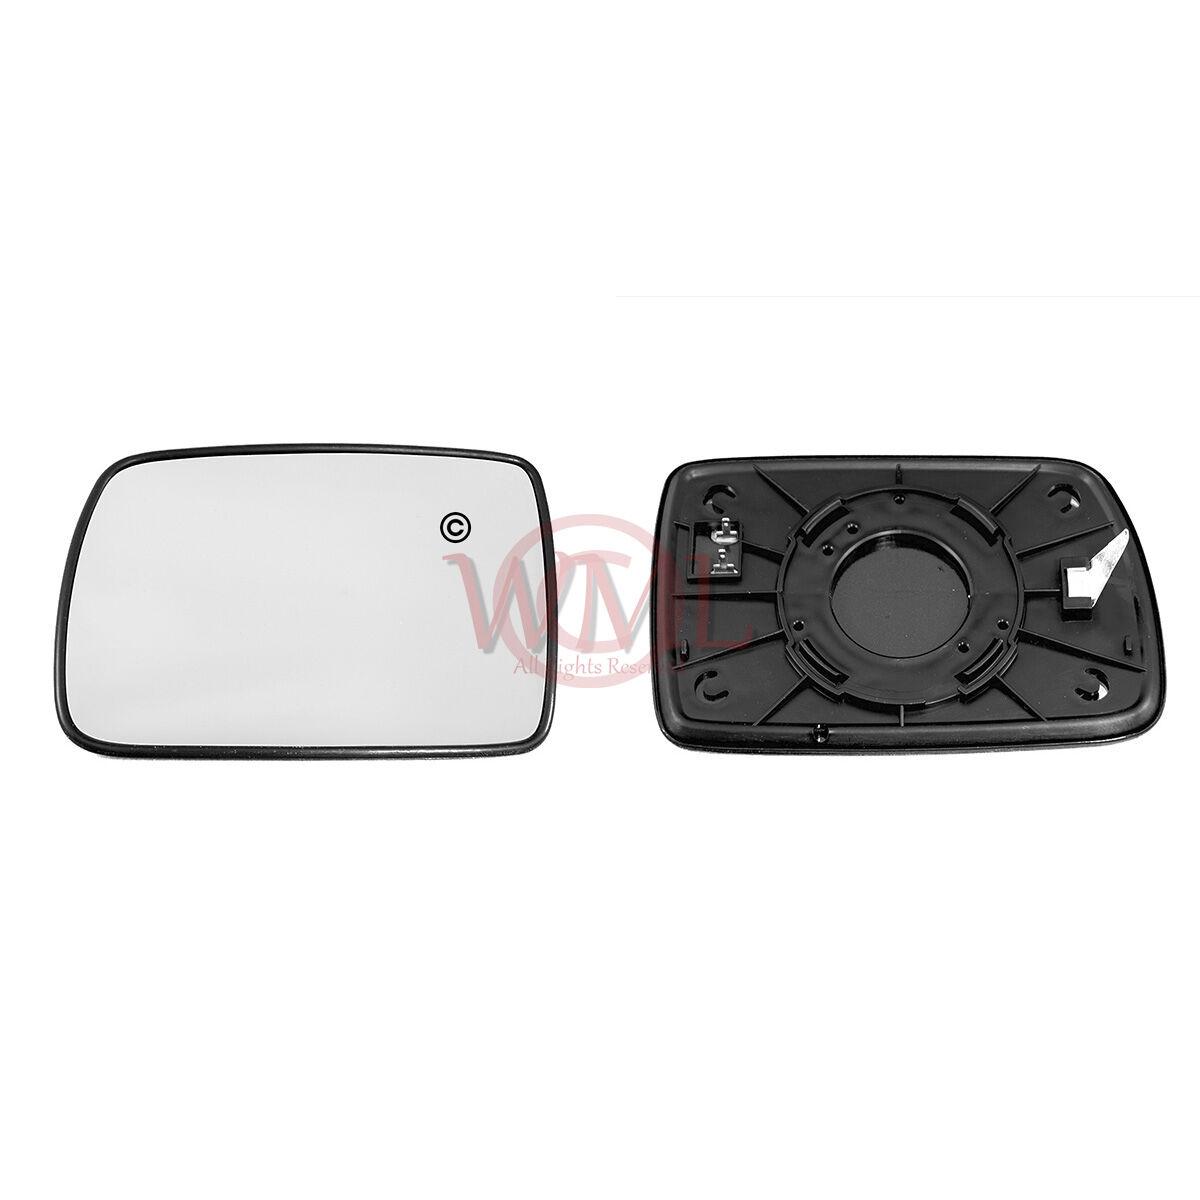 Para Ford S-MAX//KUGA 2006-2015 Ala Vidrio Espejo Convexo Con Calefacción Lado Izquierdo//D034